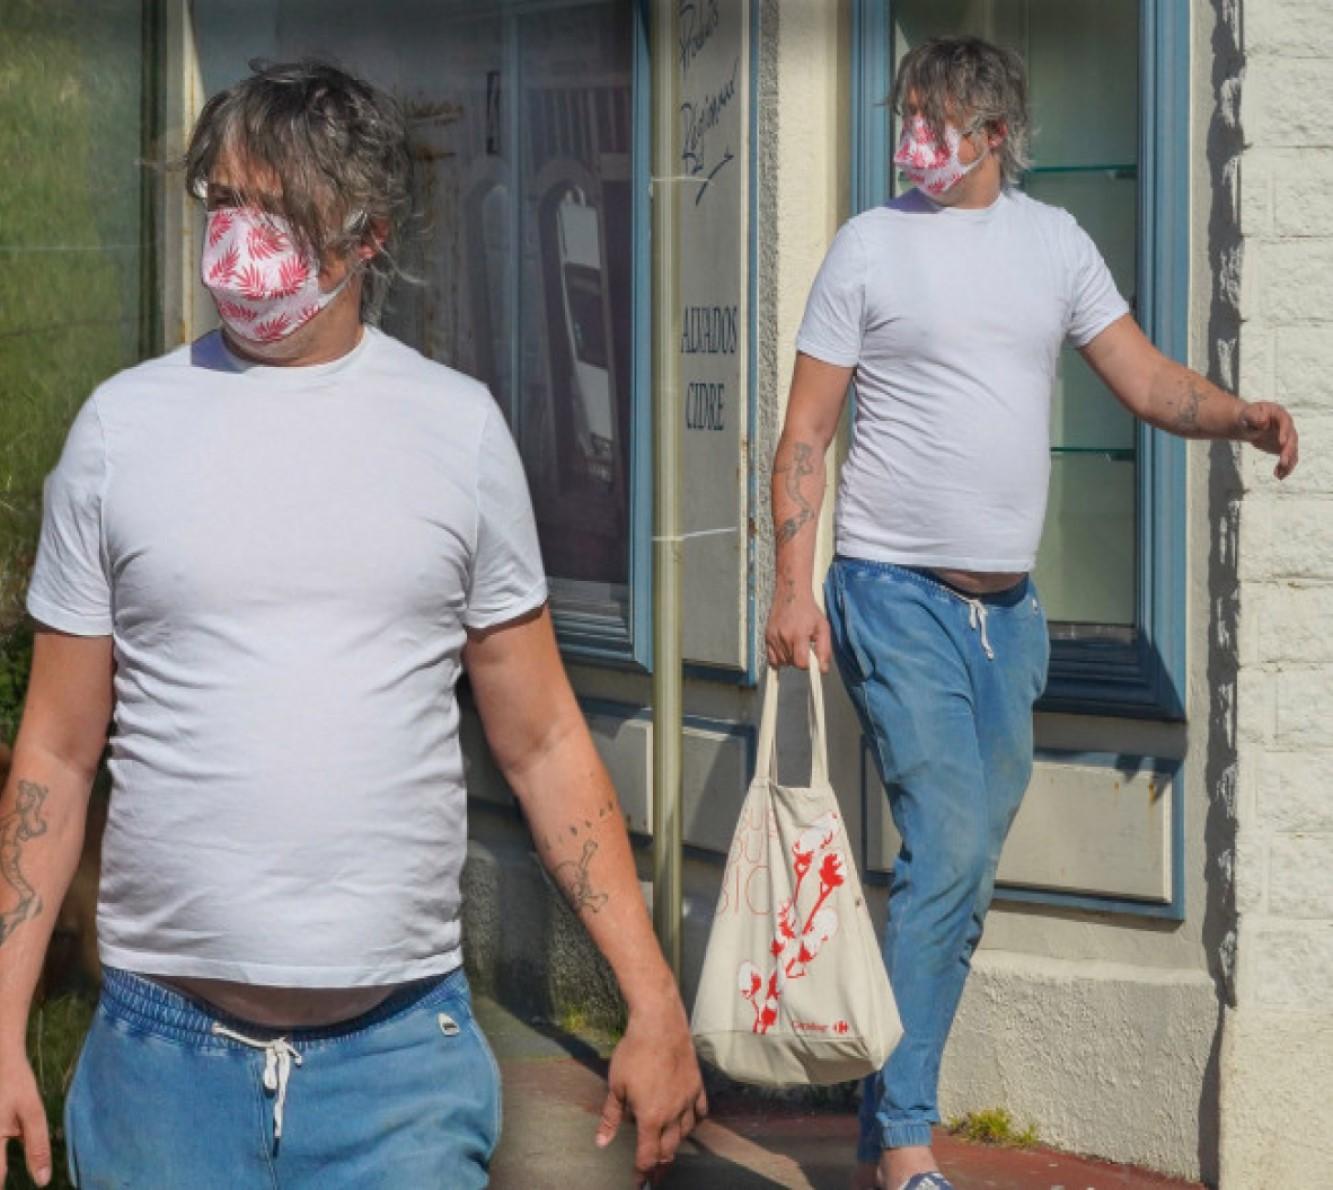 Pete Doherty cantante oggi cambiato foto